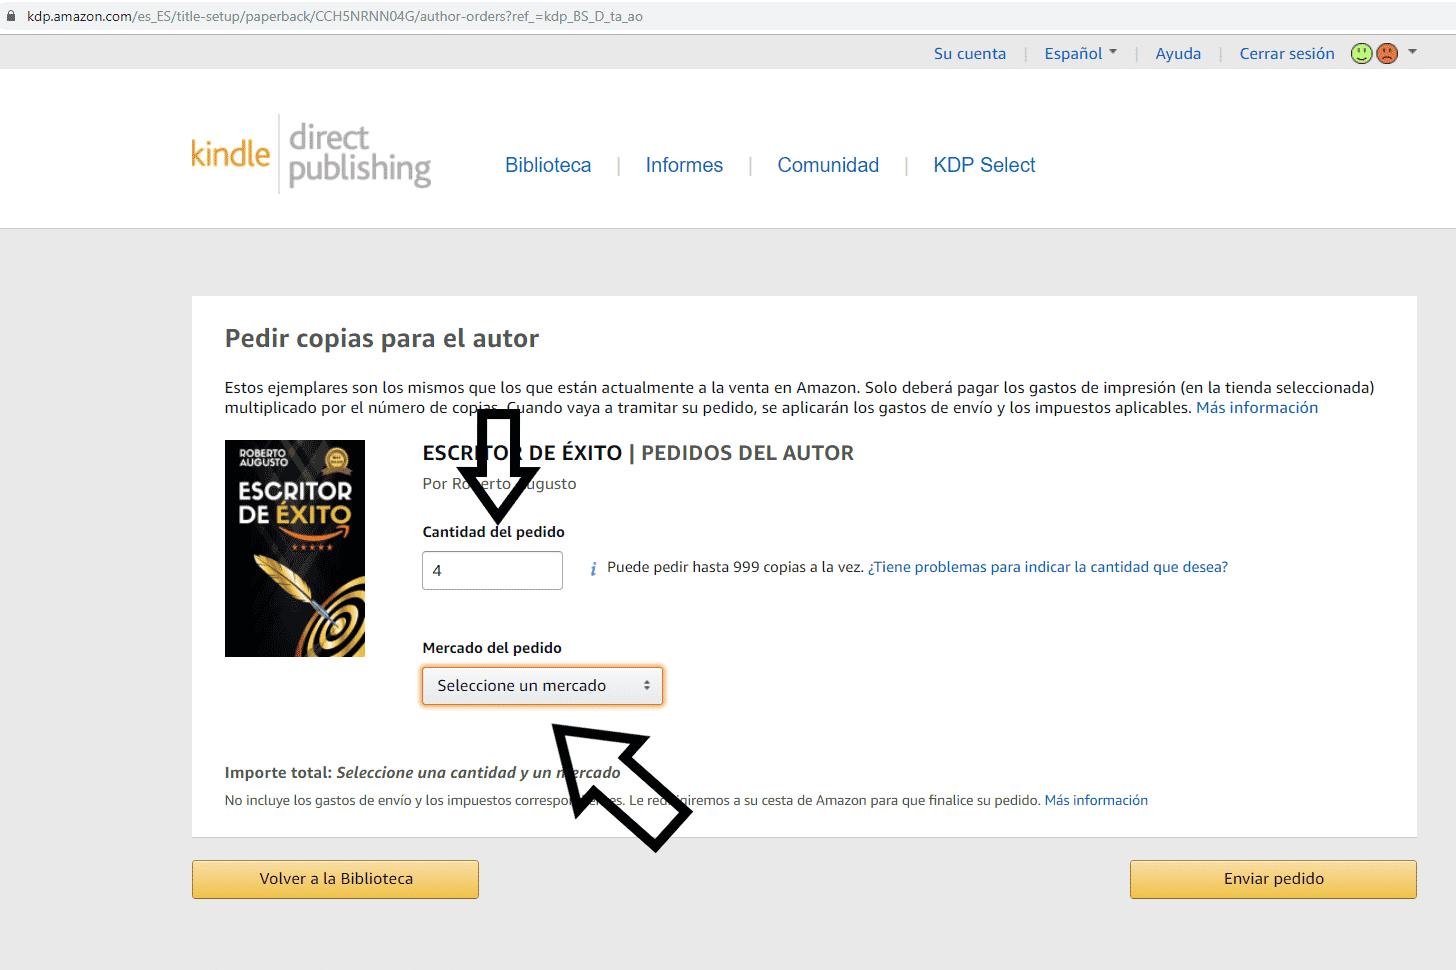 Pedir-copias-para-el-autor-y-seleccionar-mercado